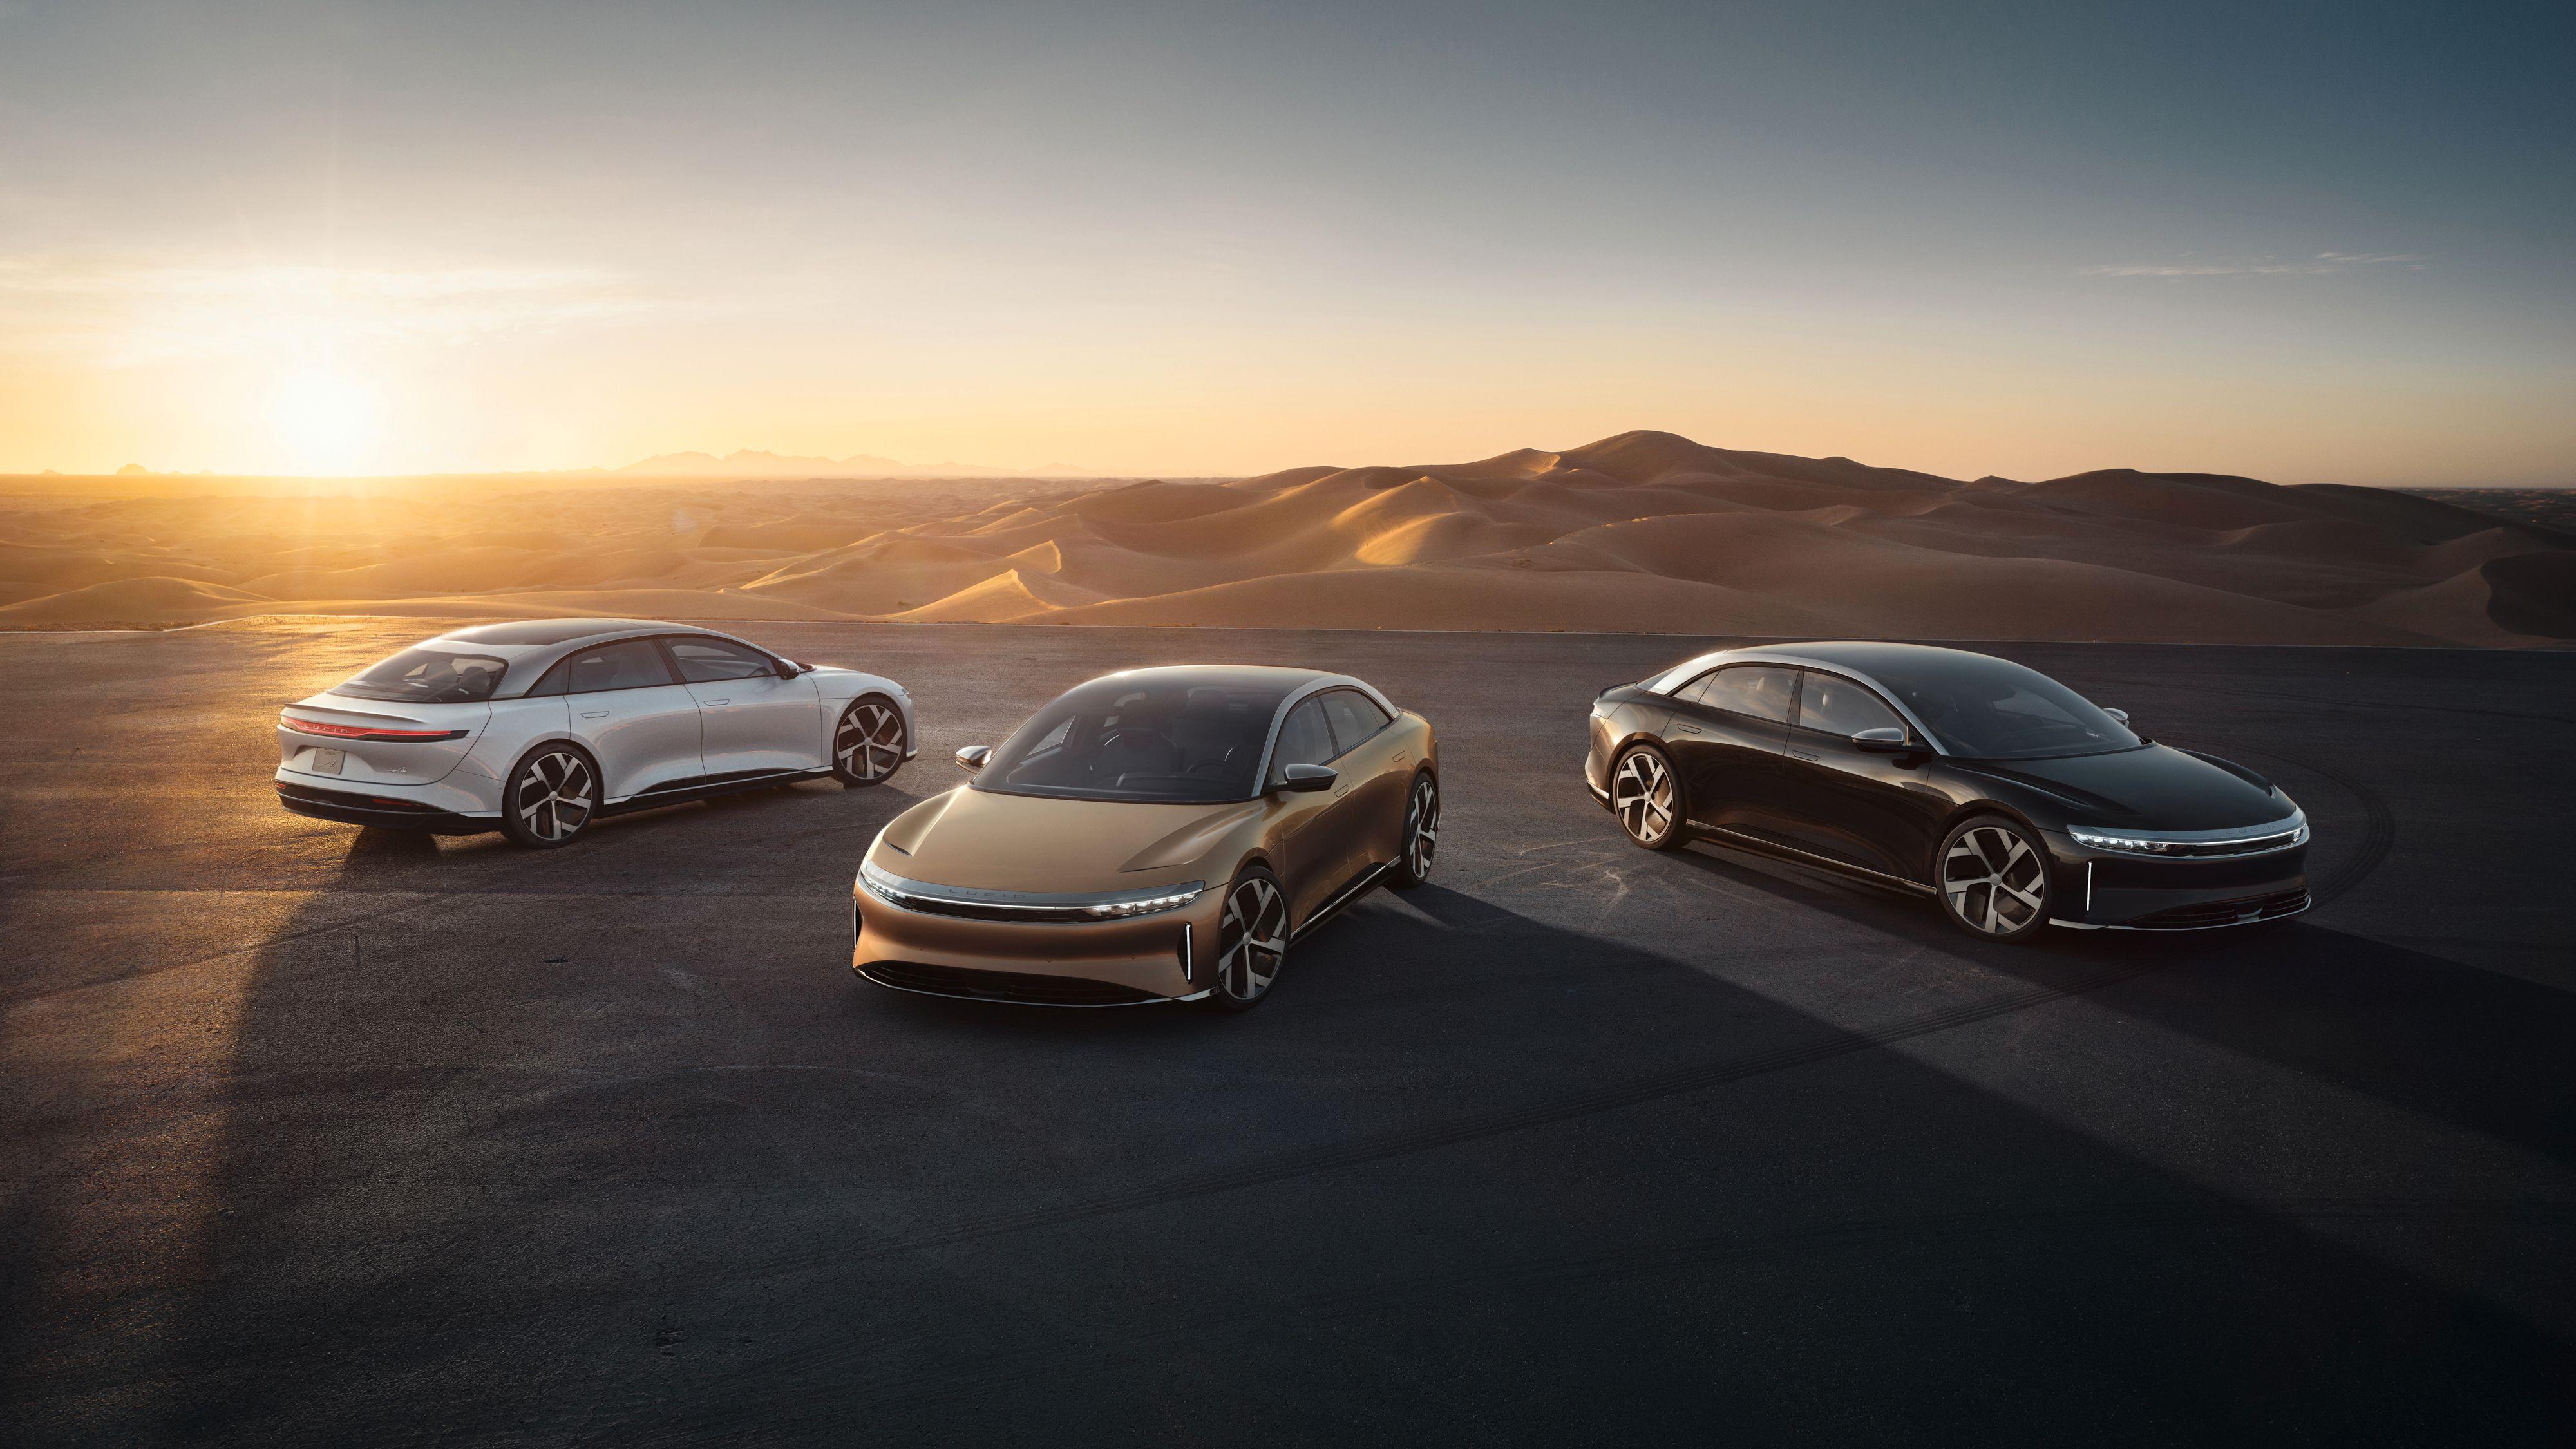 Innstegsversjonen av Lucid Air vil koste under 80.000 dollar – omtrent det samme som en Tesla Model X.